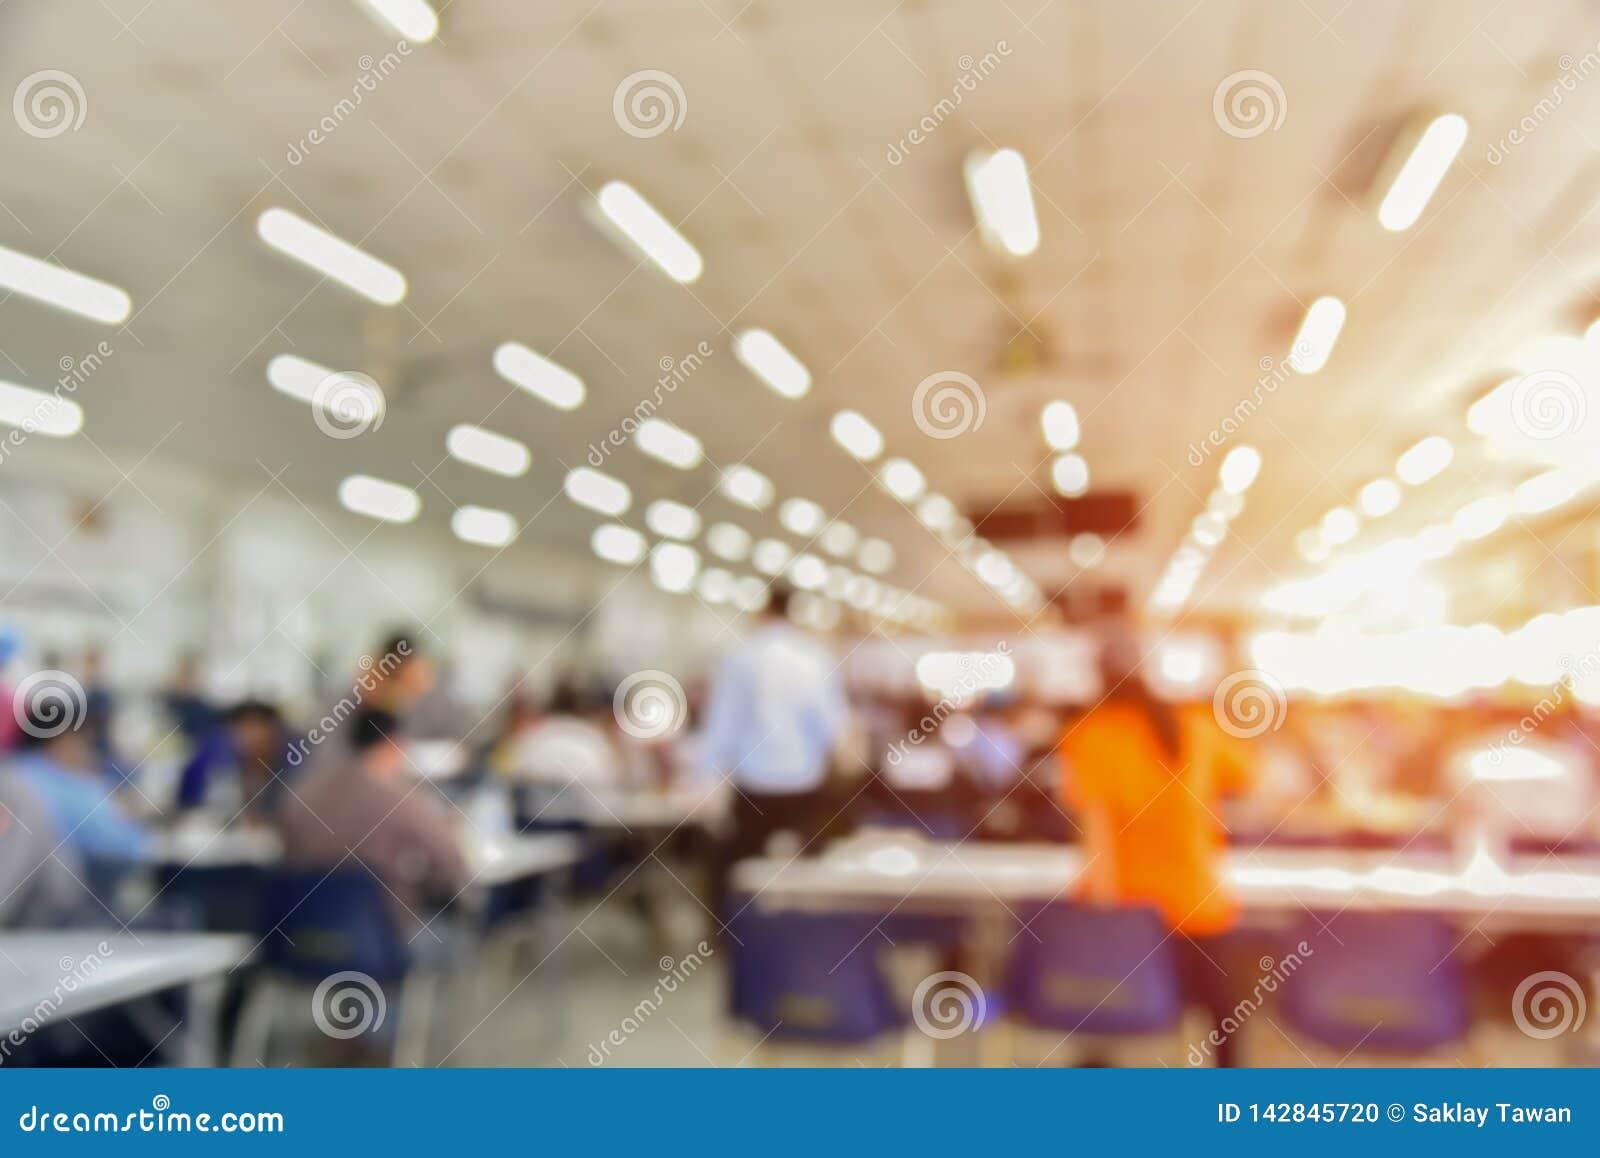 Foto borrada abstrata da sala de conferências ou da sala de seminário